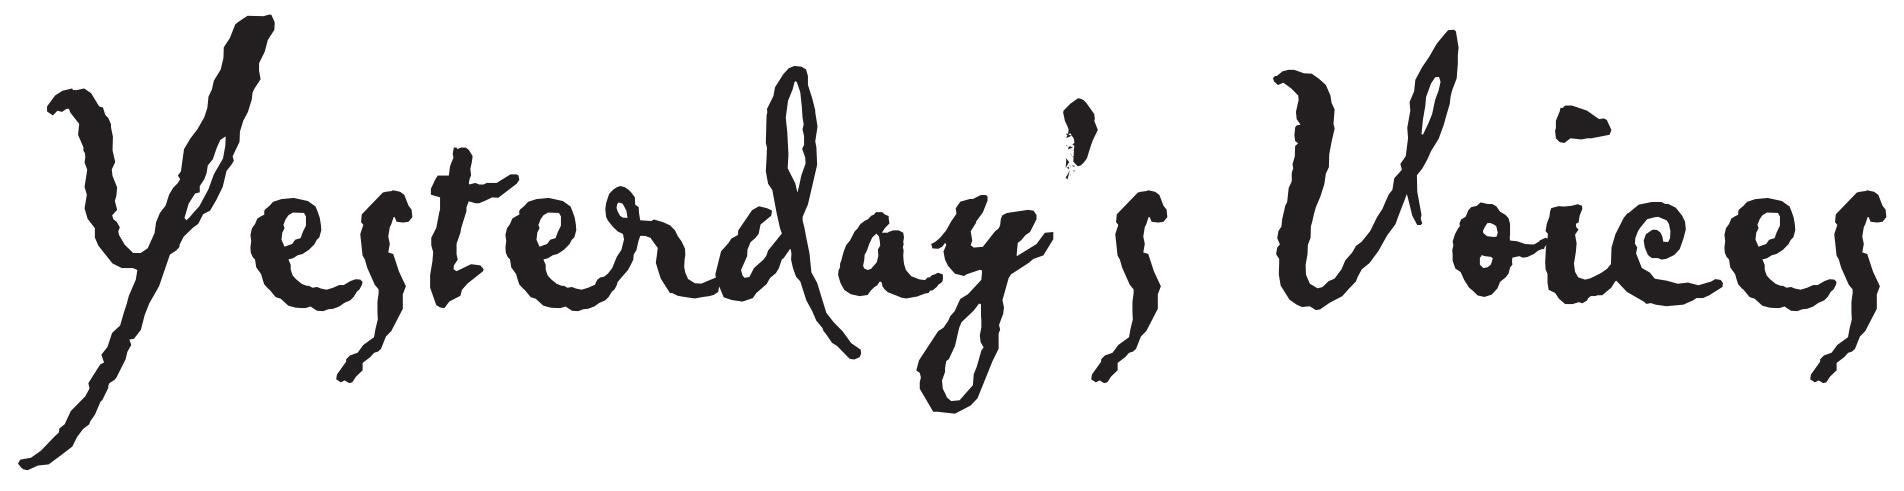 yesterdaysvoices-logo.jpg